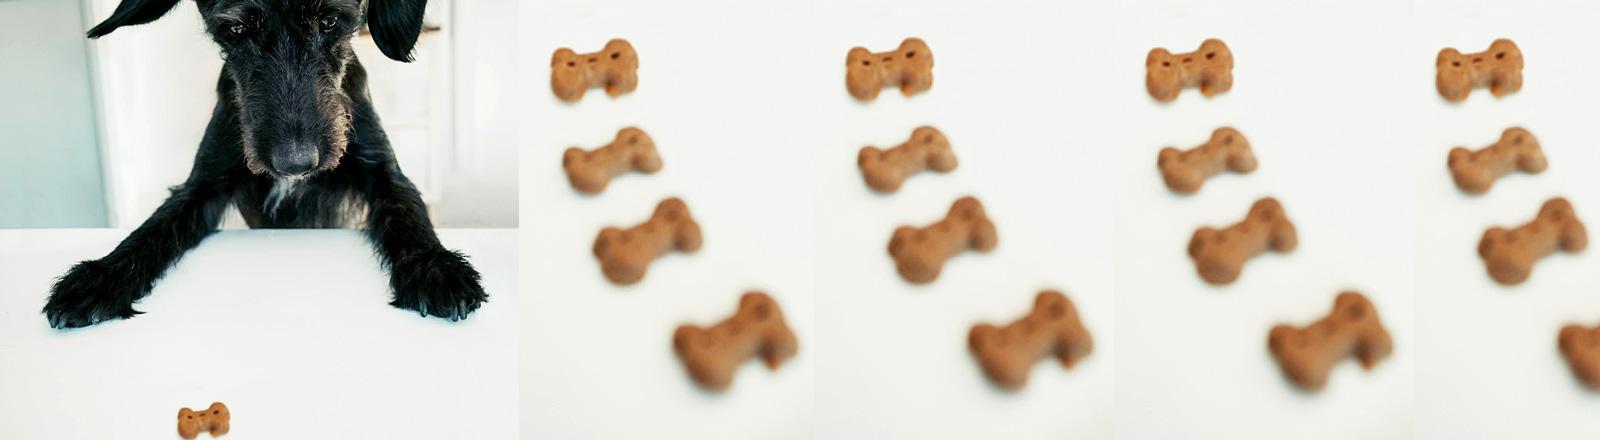 Ein Hund blickt auf Hundekekse.